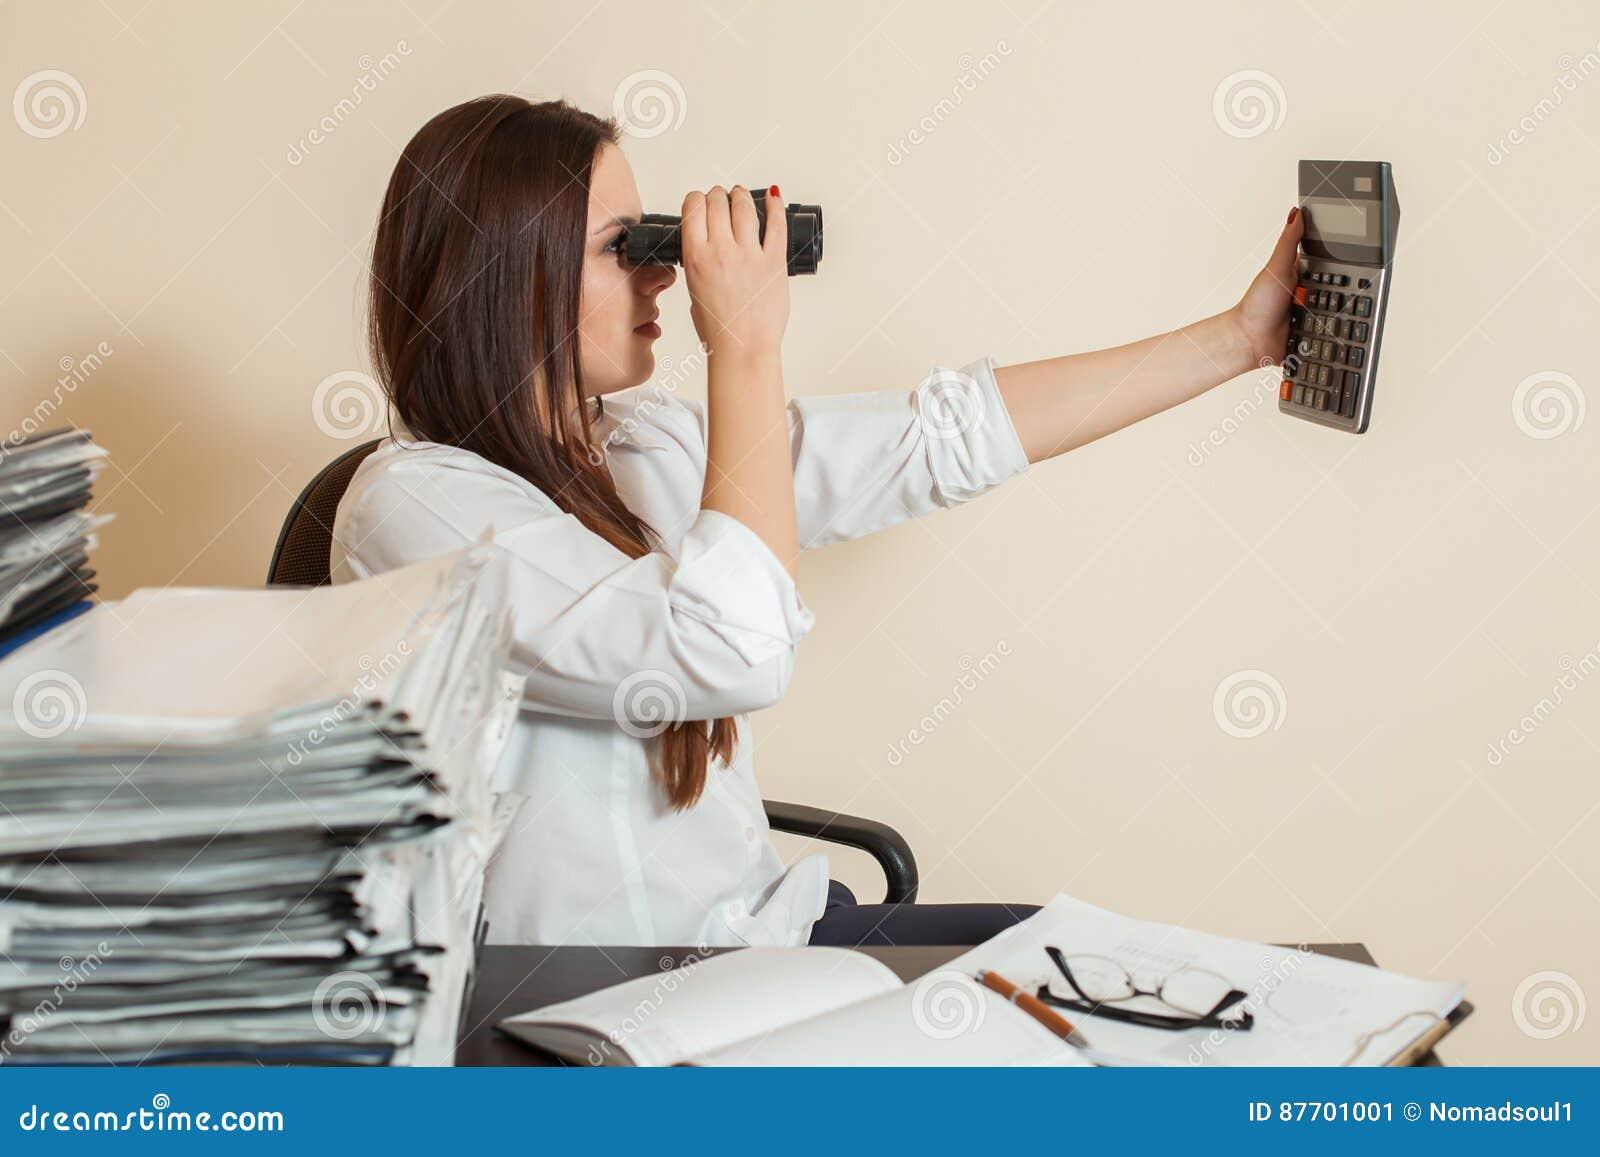 Le comptable regarde par des jumelles sur la calculatrice